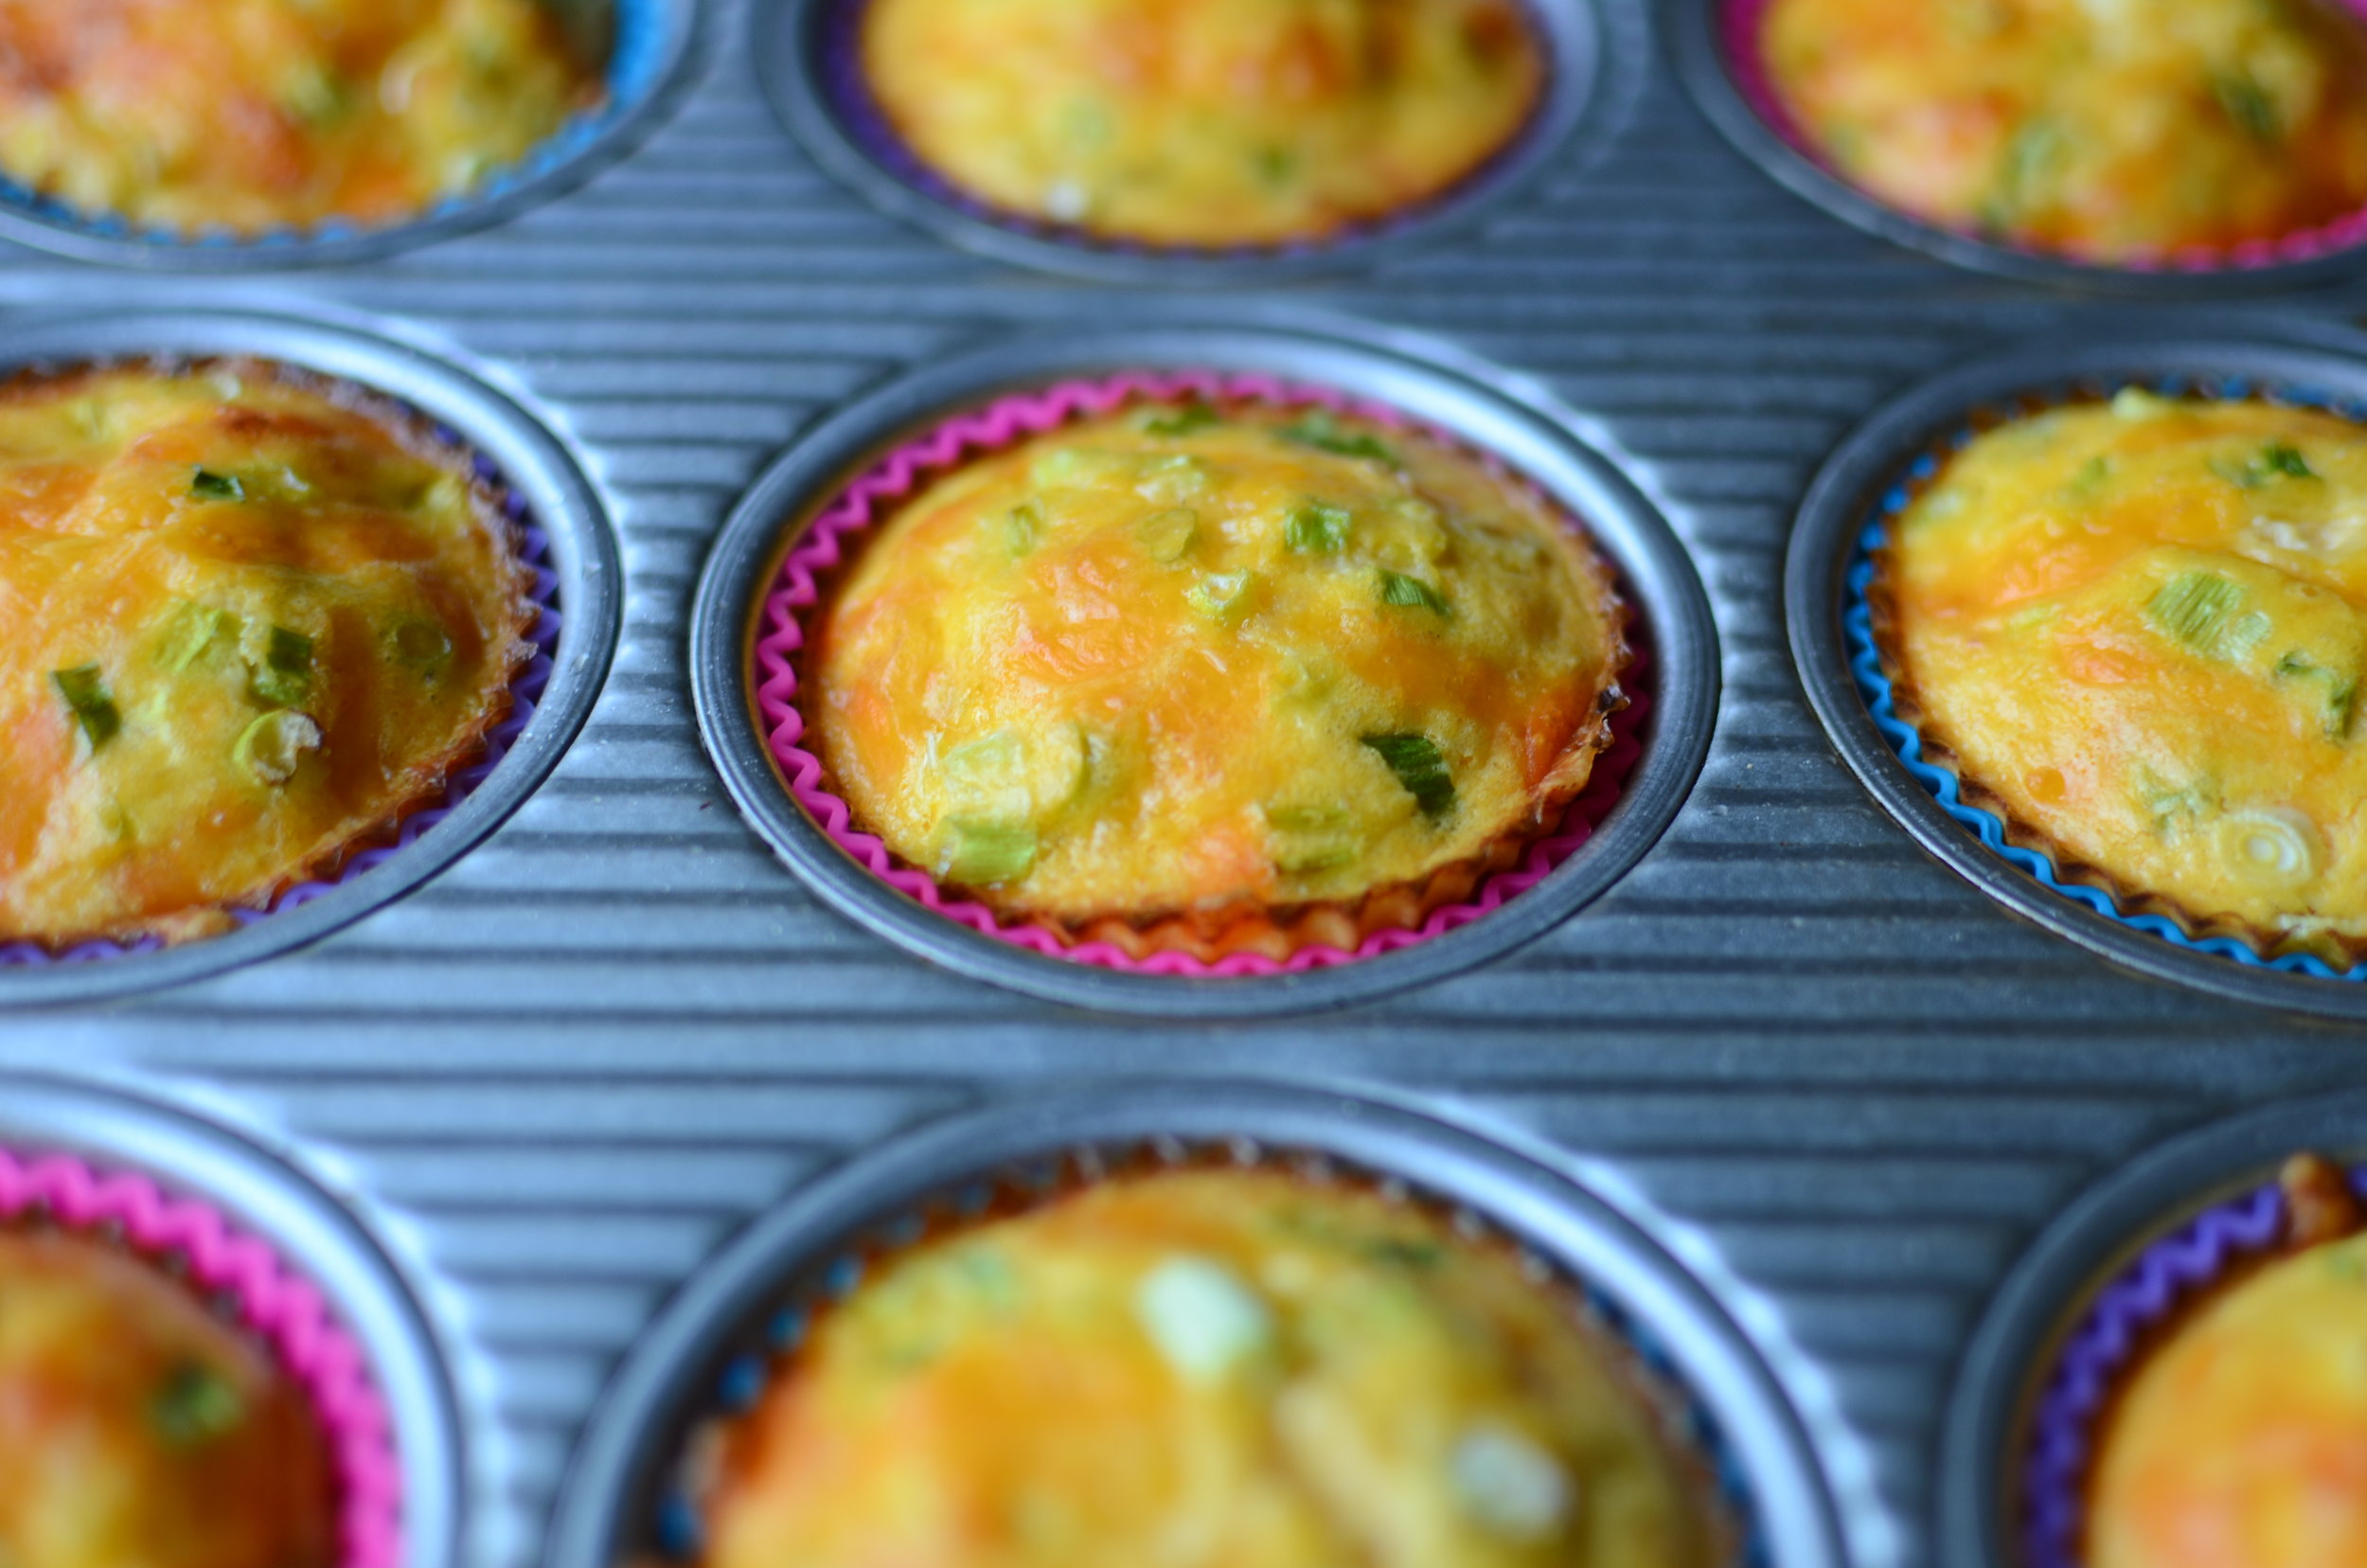 homemade-egg-bites-in-oven-butteryum